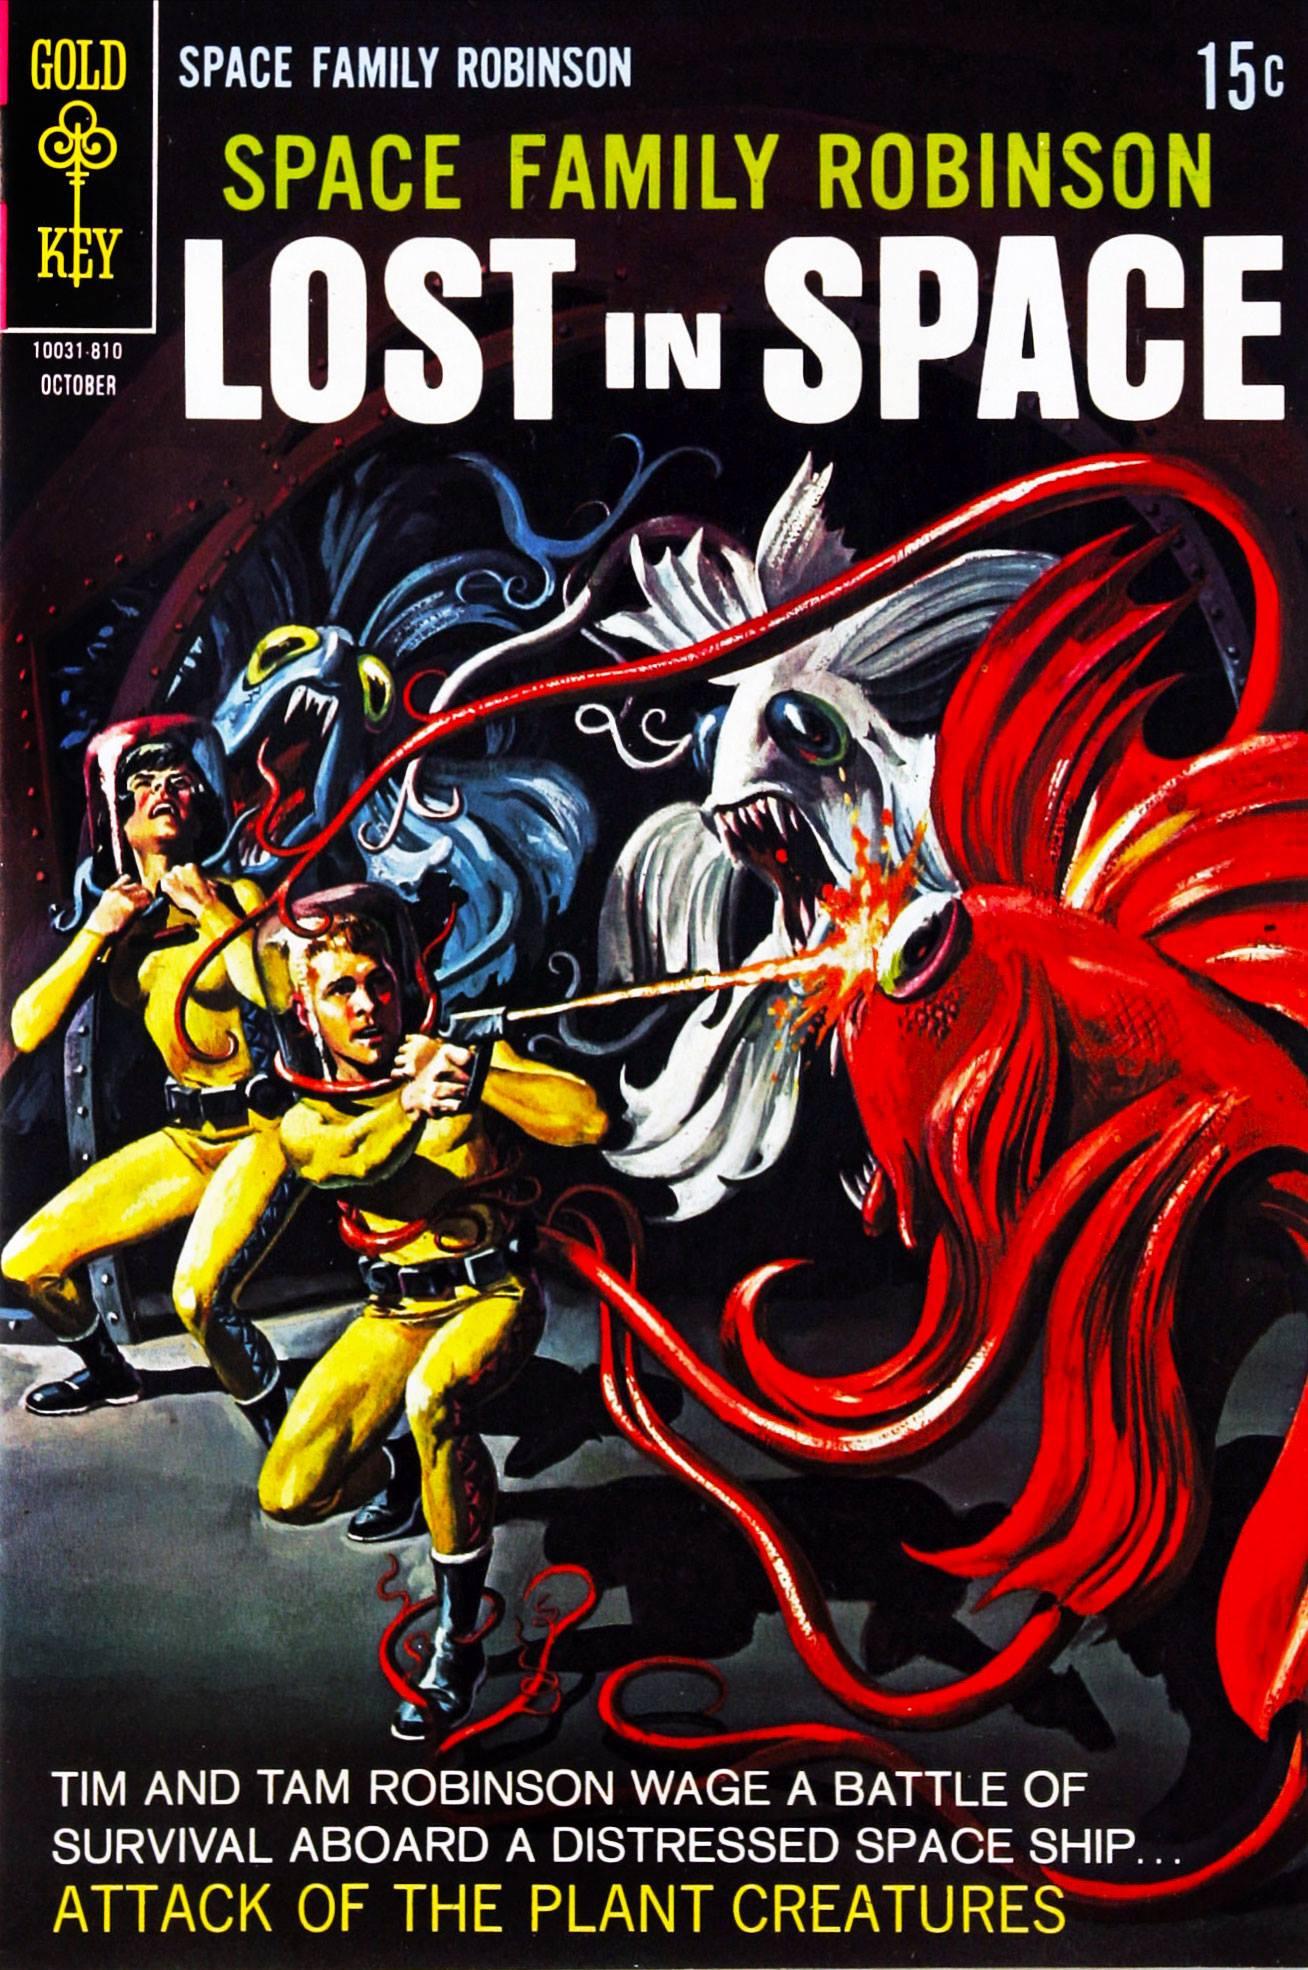 LostinSpace30-1968